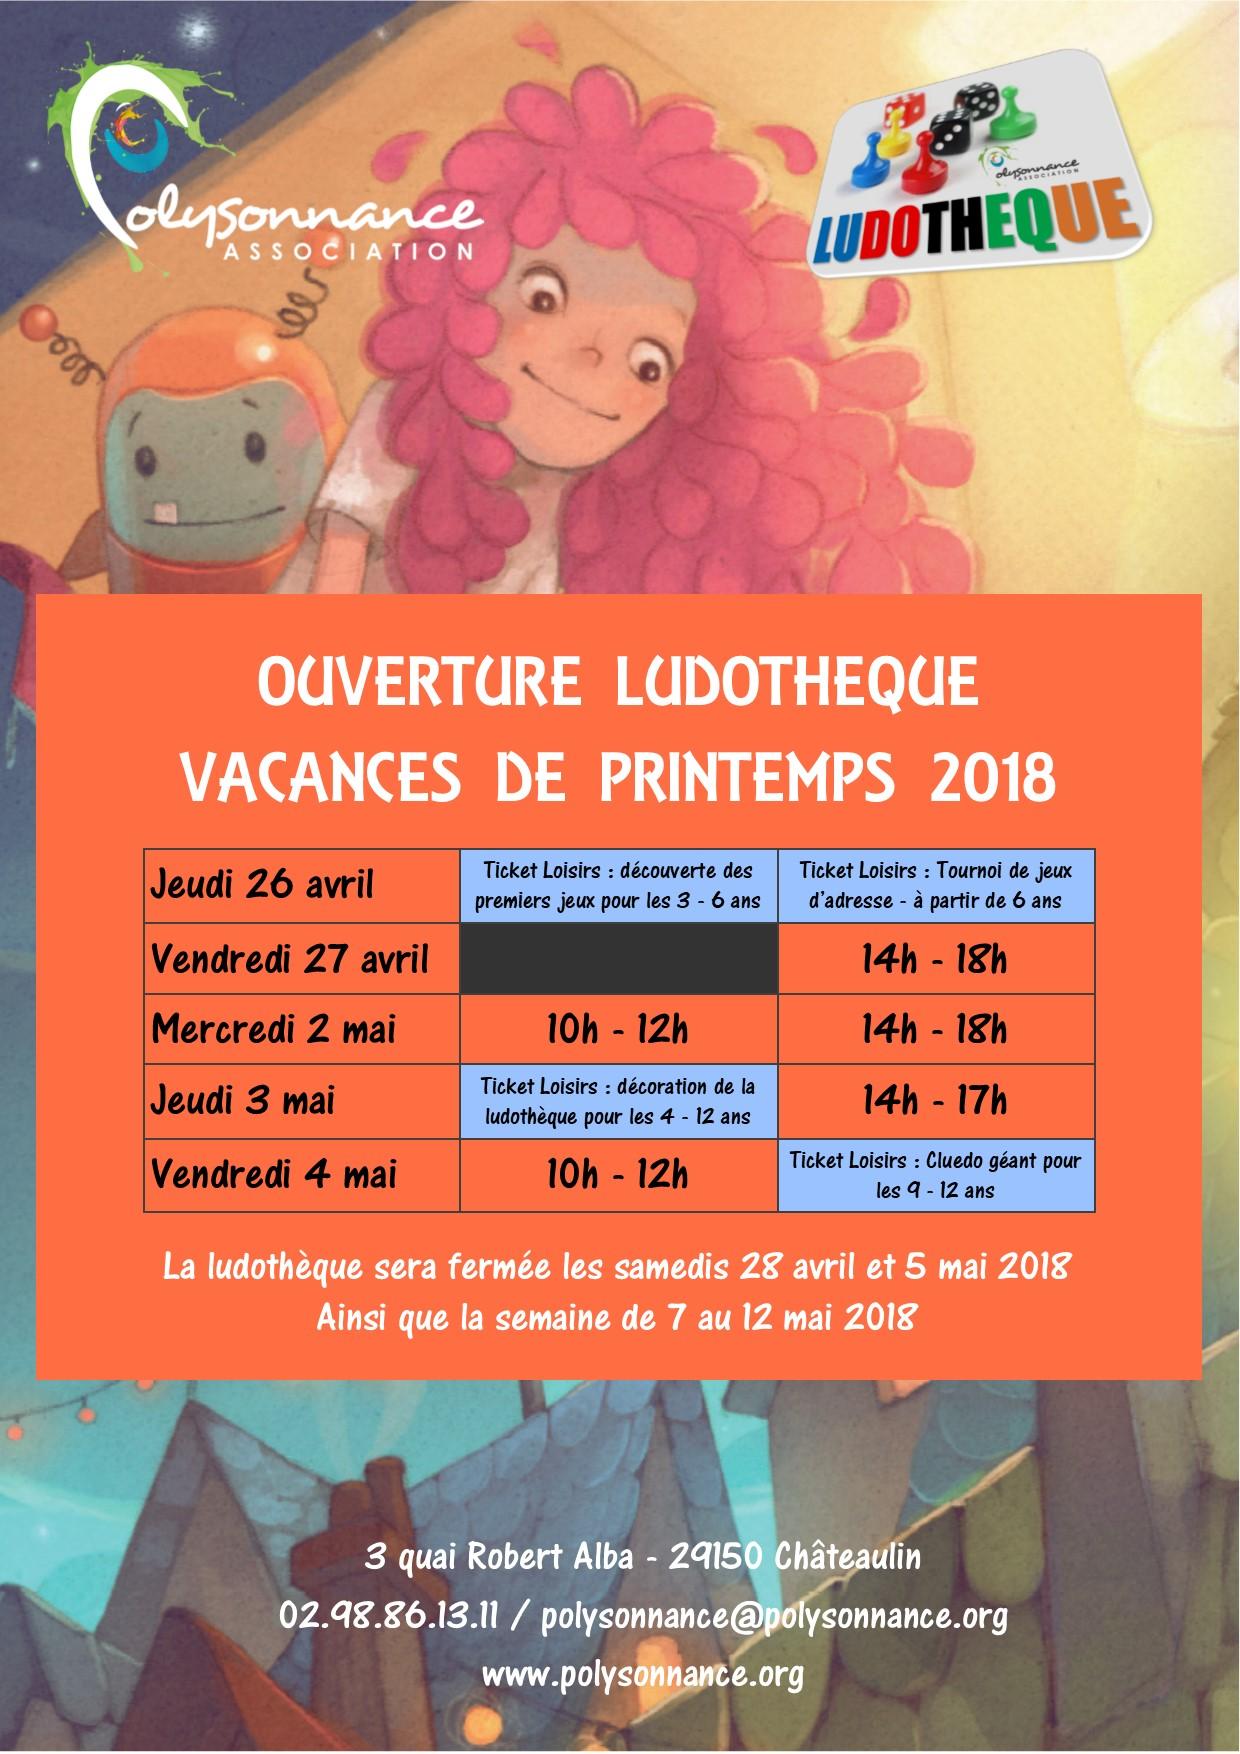 HORAIRES OUVERTURE LUDOTHEQUE VACANCES DE PRINTEMPS